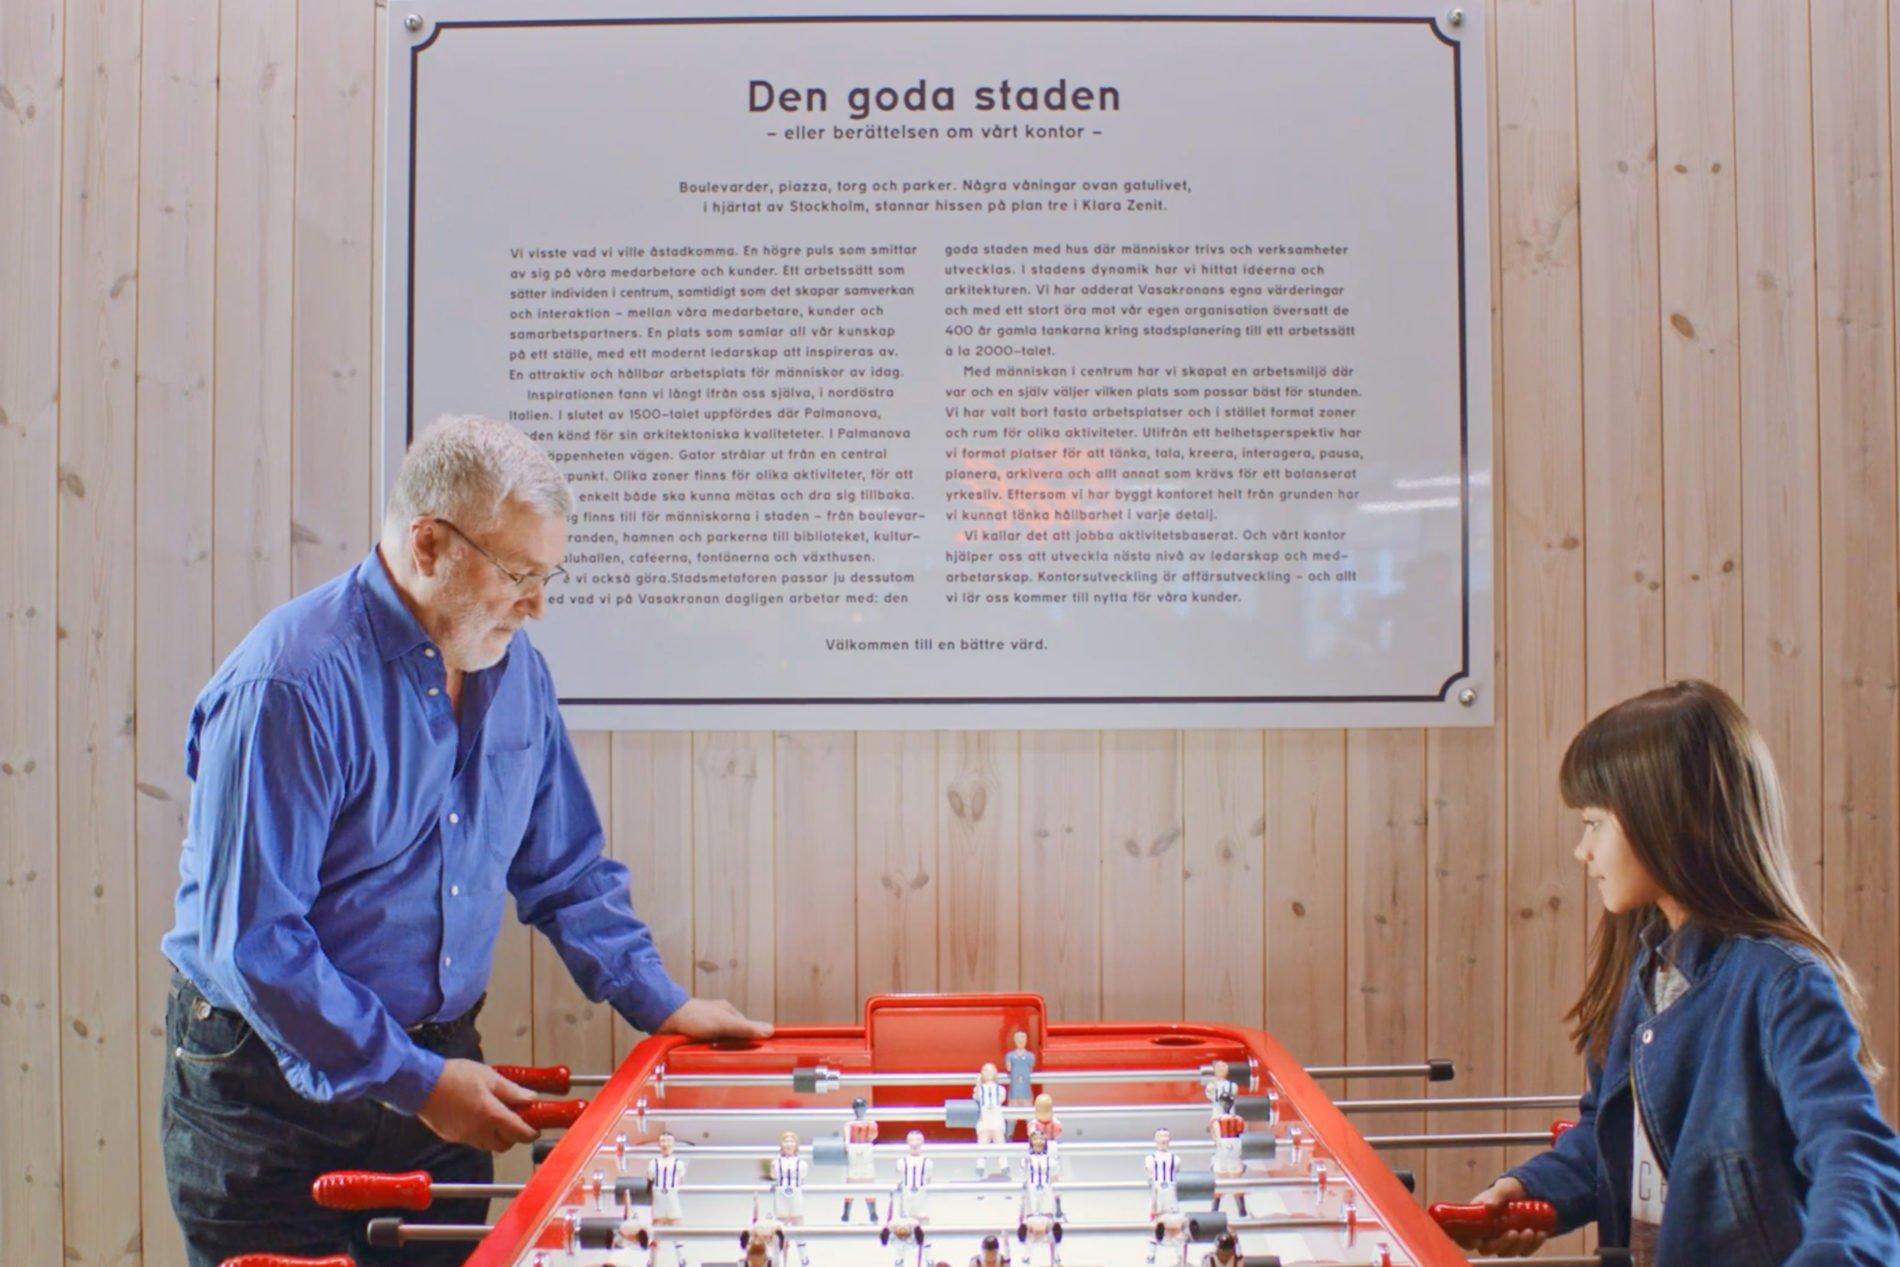 Bild som visar en pensionär och en liten flicka som spelar fussball på Vasakronans huvudkontor